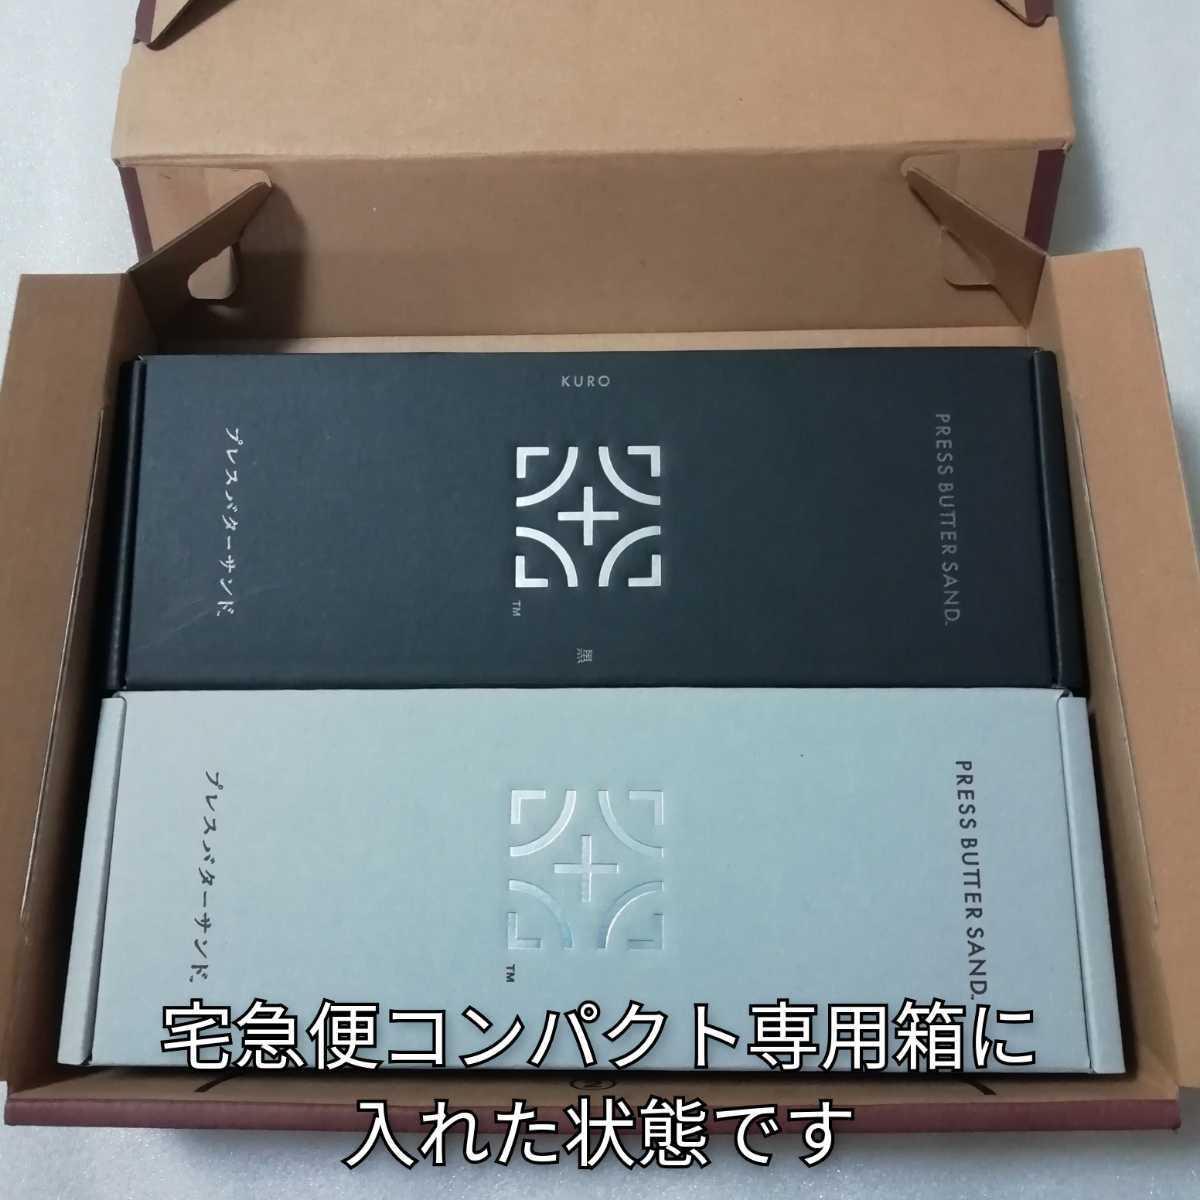 プレスバターサンド 2箱セット 黒 お菓子 詰め合わせ_画像6